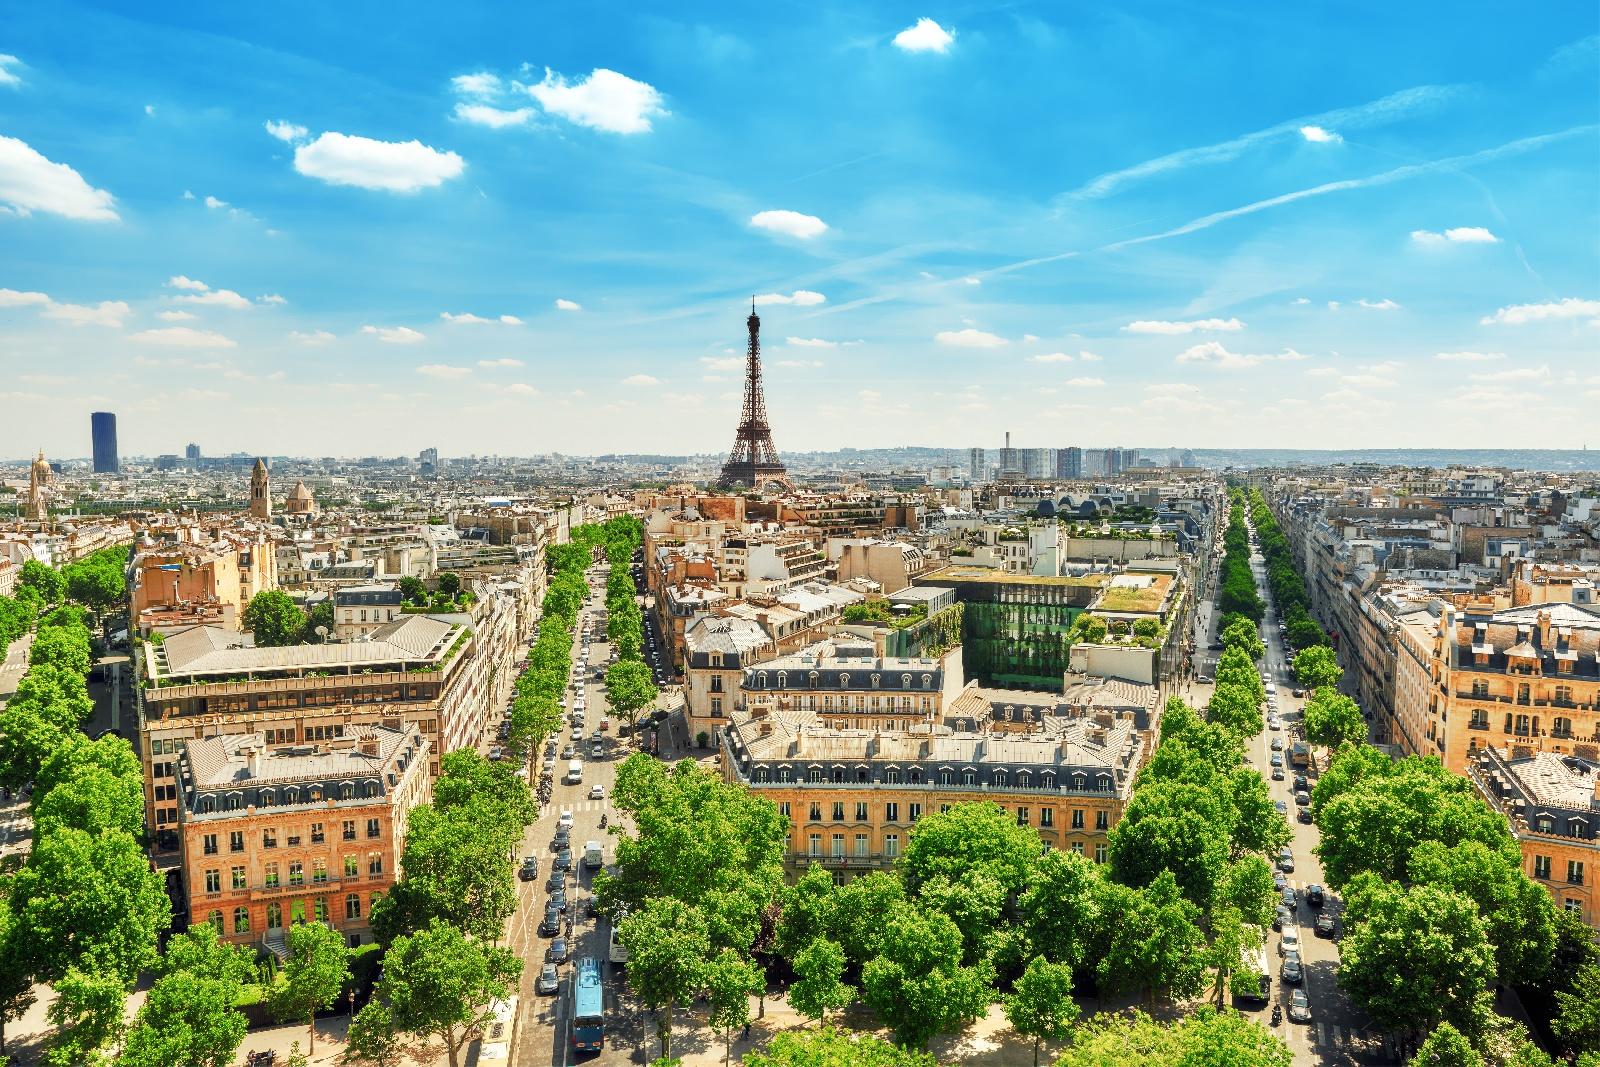 eiffel, Tower, Paris, Cityscapes, Squares, Cities